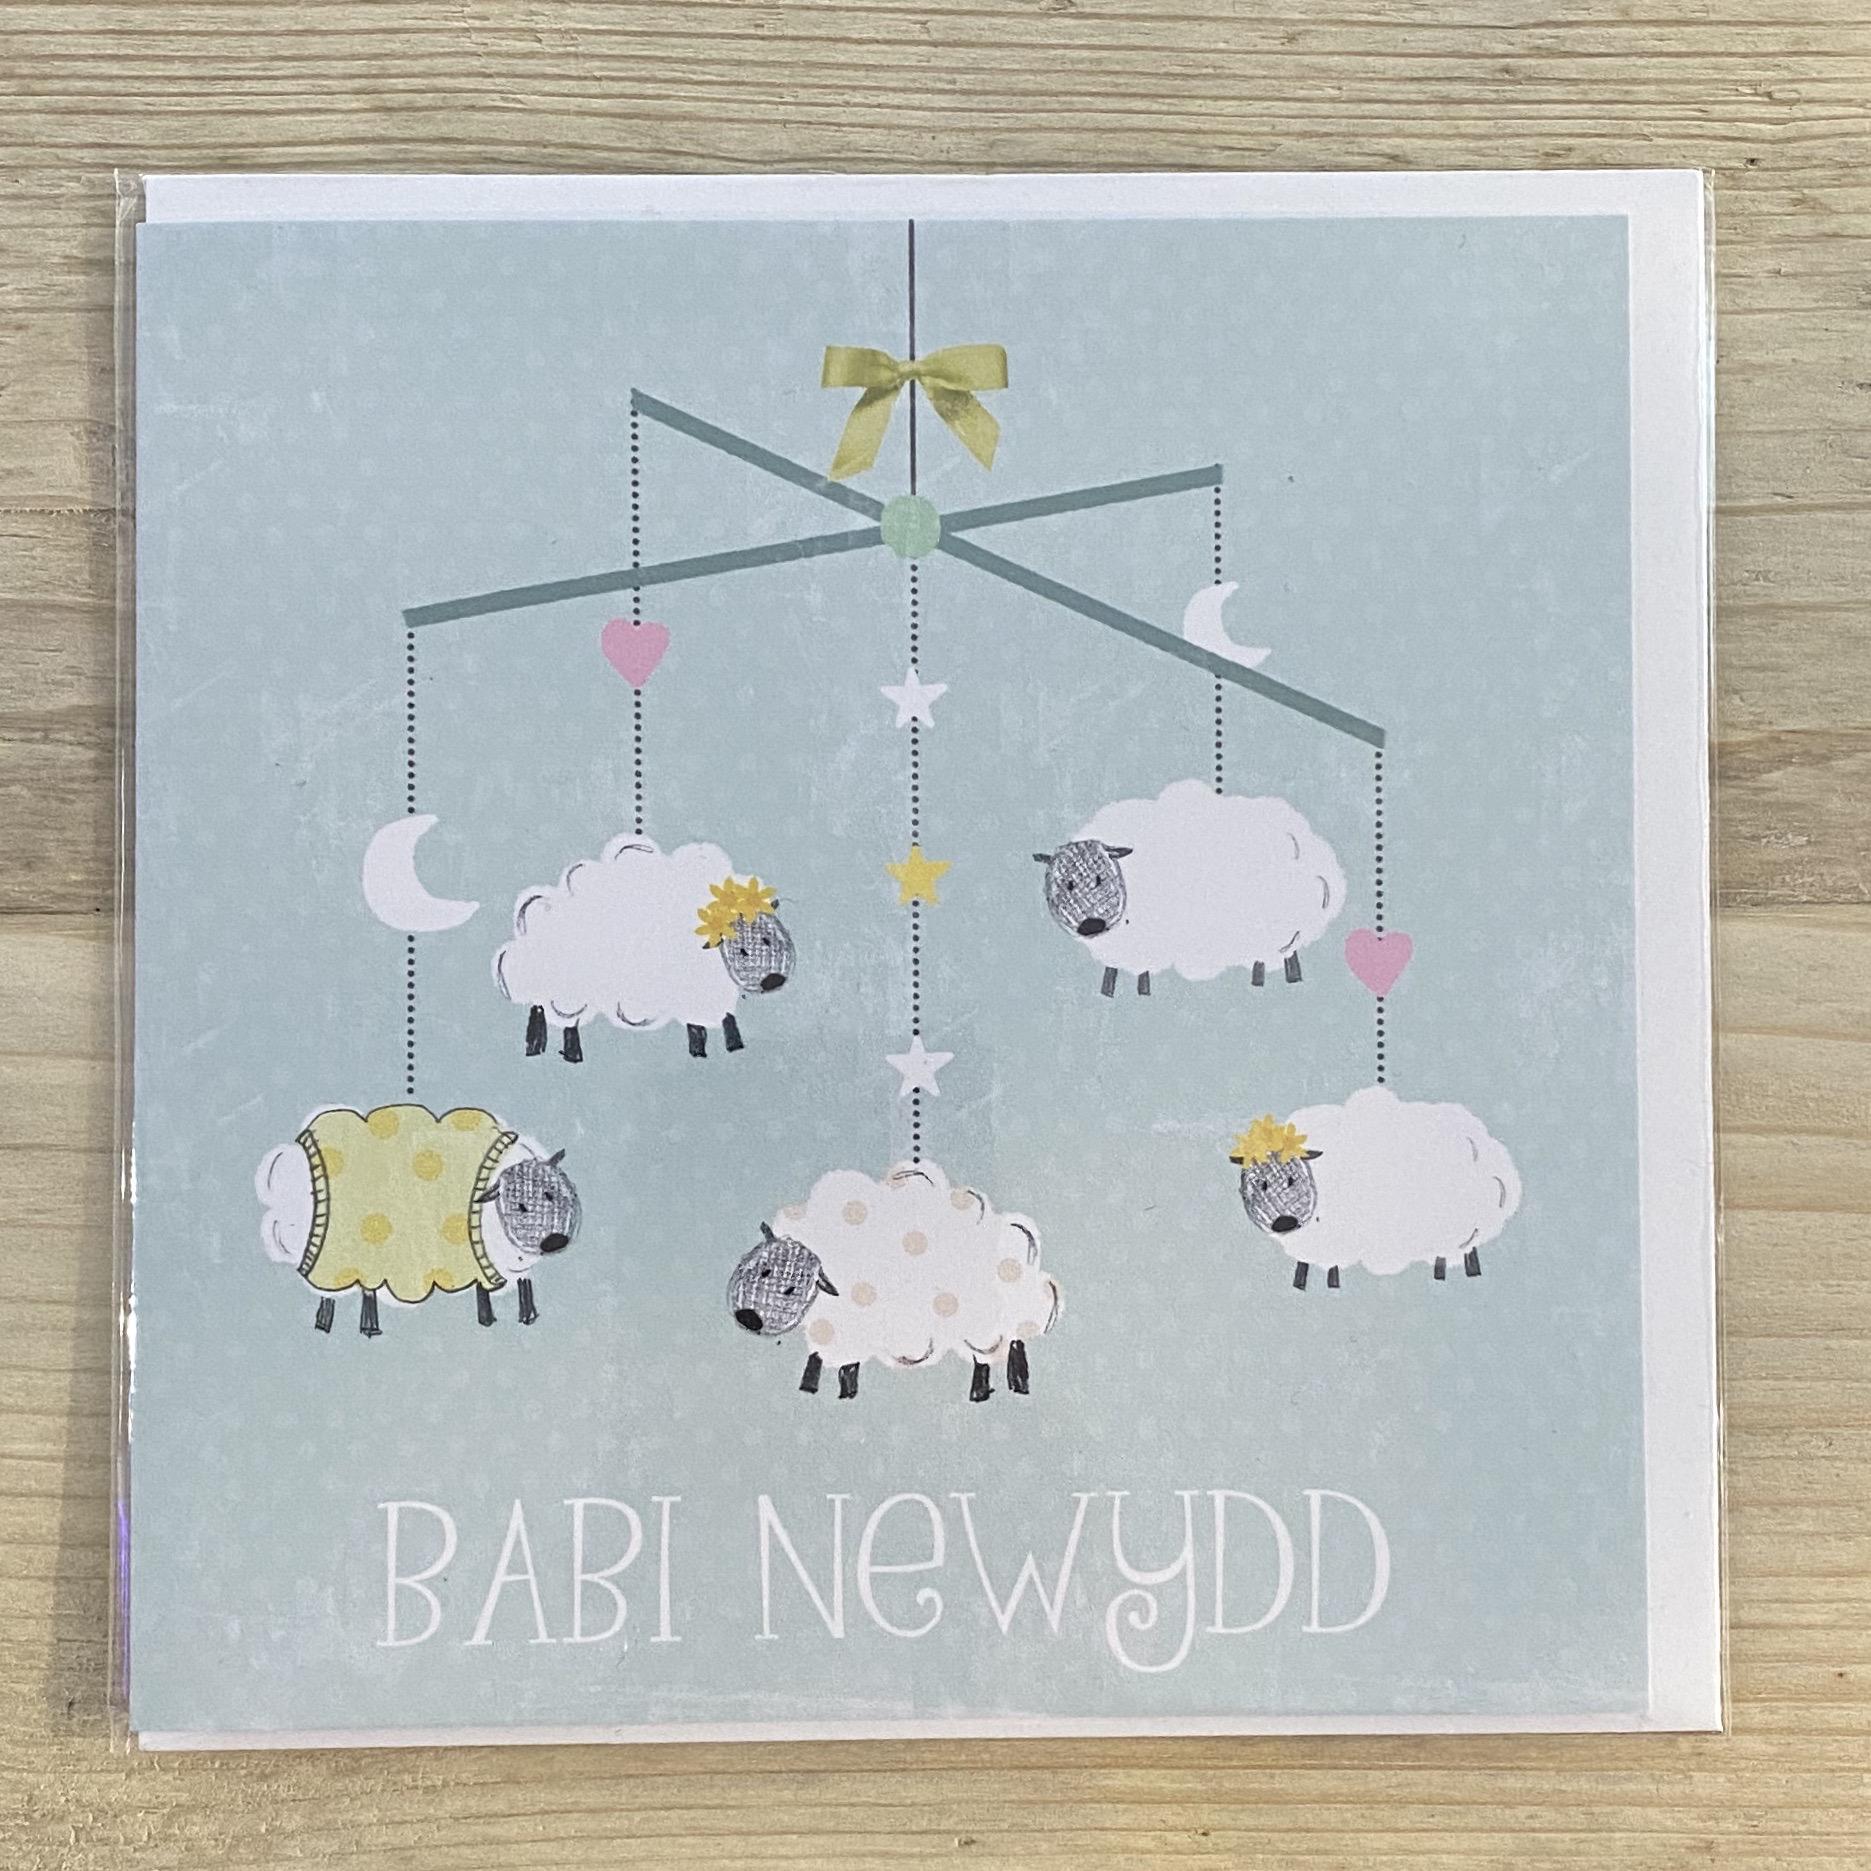 Babi Newydd